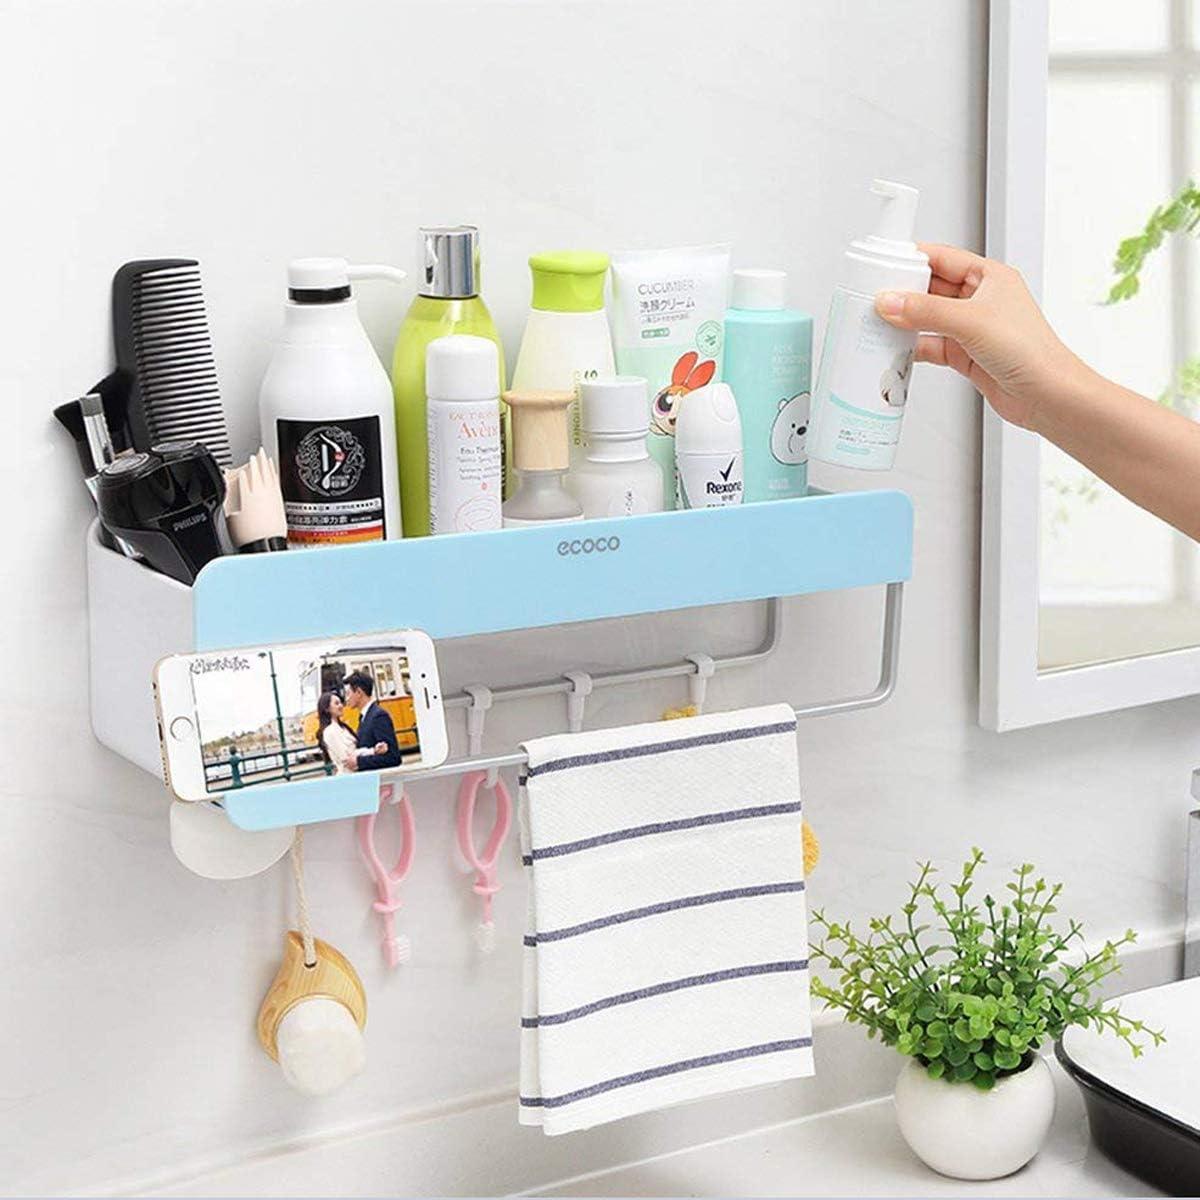 XGzhsa Organizador de estantes de ba/ño canasta de ducha negro estante para colgar autoadhesivo Potente estante organizador de almacenamiento montado en la pared para cocina y ba/ño